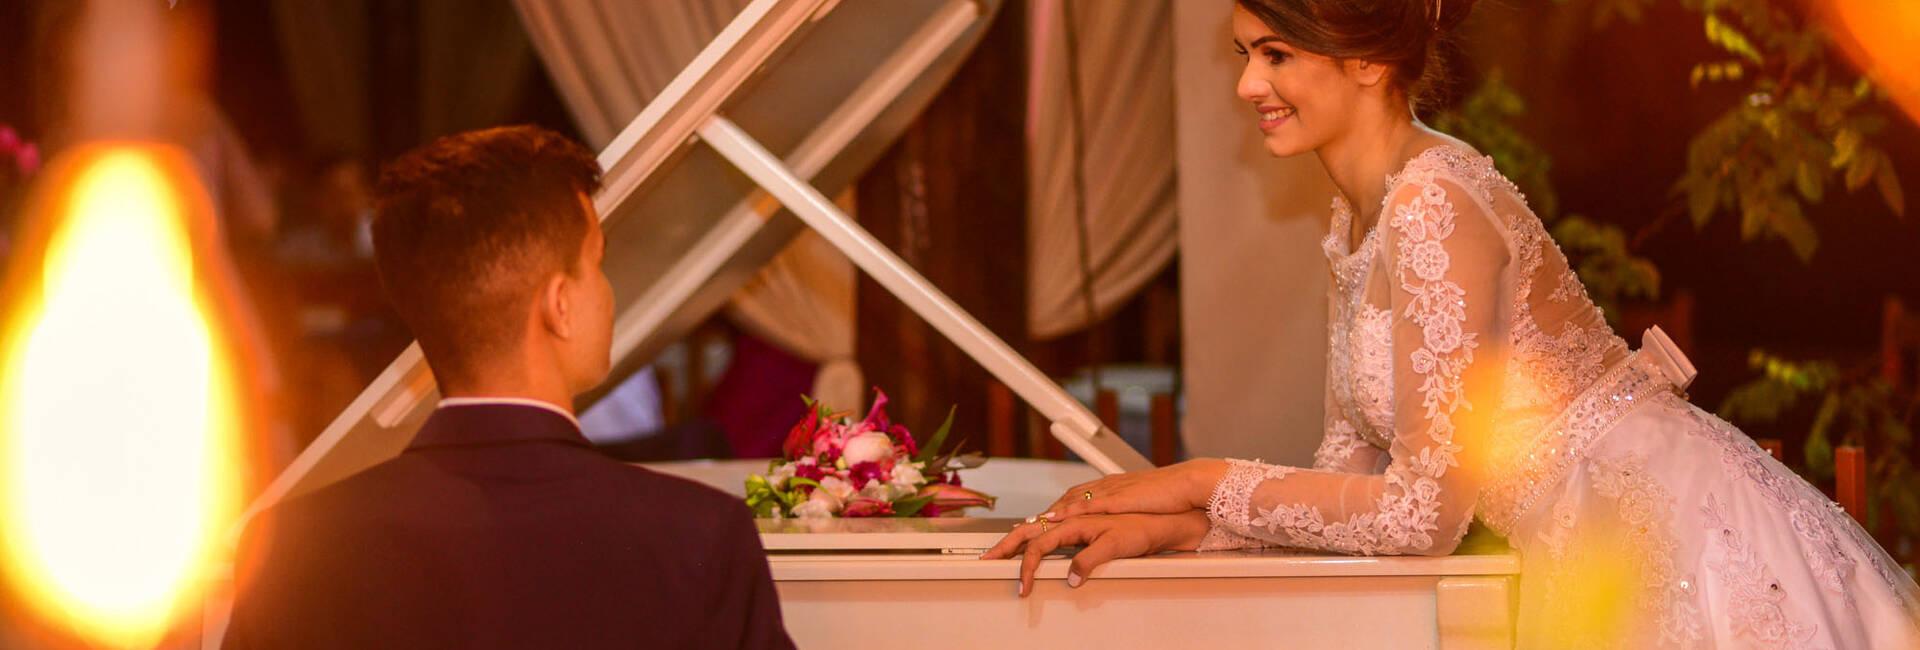 Thamirys e Abner de Casamento